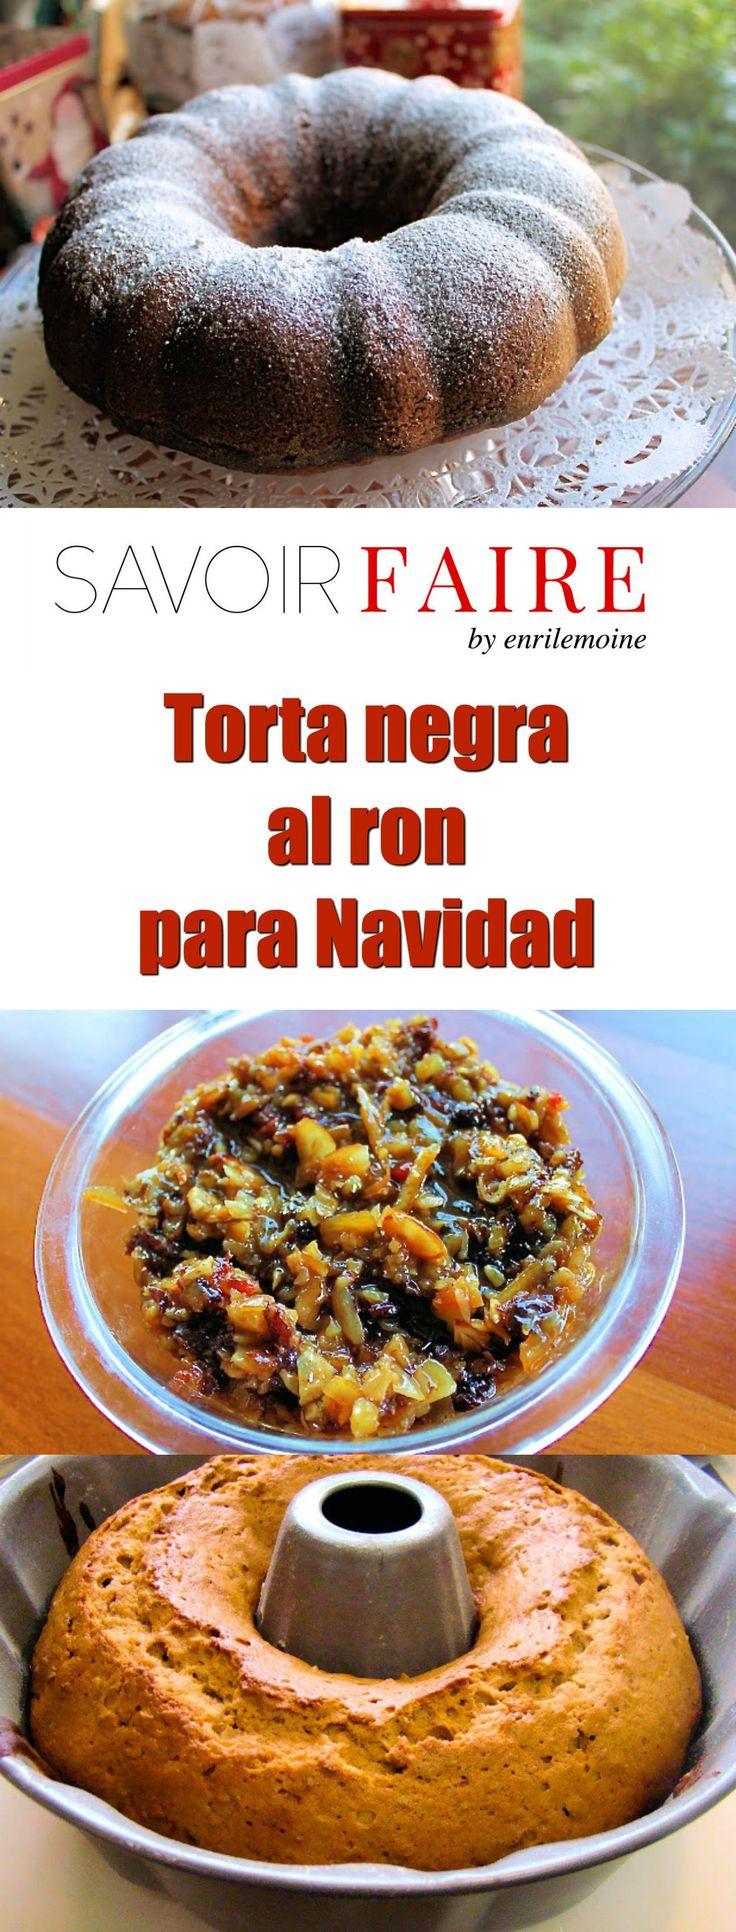 Esta receta de torta negra al ron para Navidad lleva frutos secos, nueces y se perfuma con el aroma de las especias y el Ron de Venezuela. Haz clic para ver cómo se prepara paso a paso. Gracias! via @enrilemoine